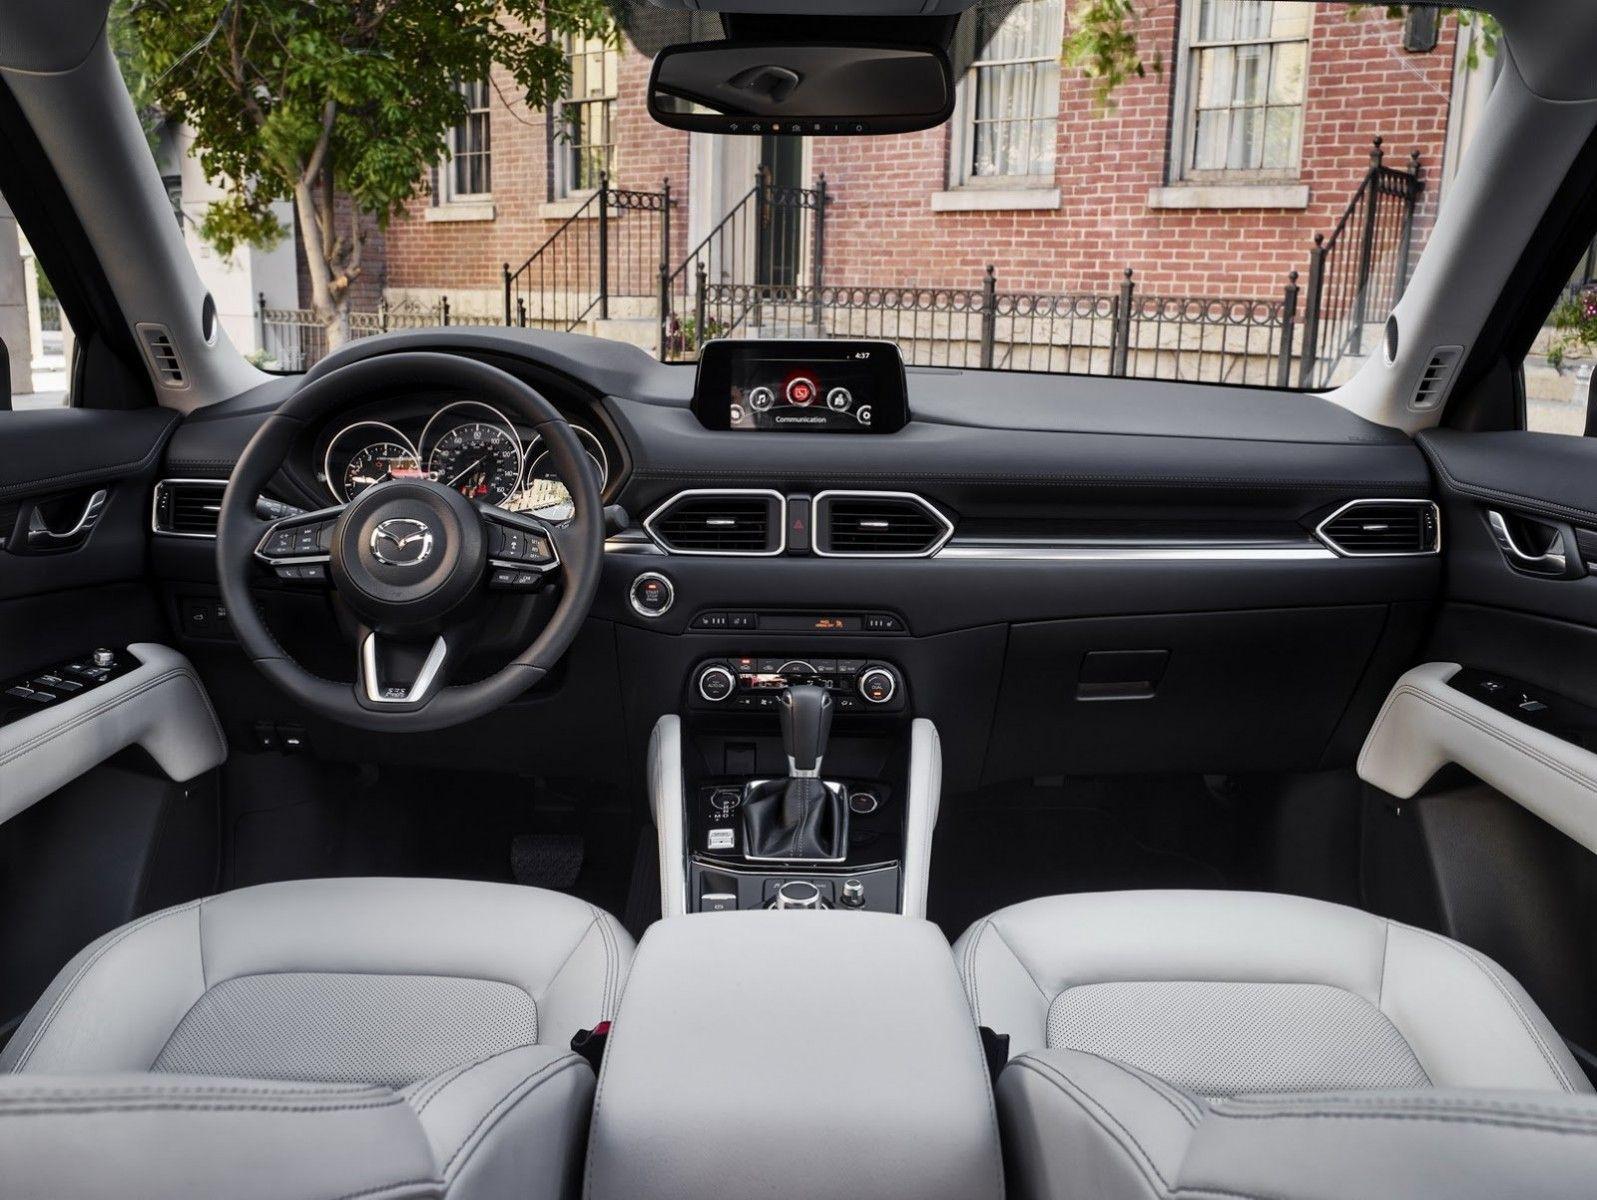 Mazda CX-5 2017 фото салон